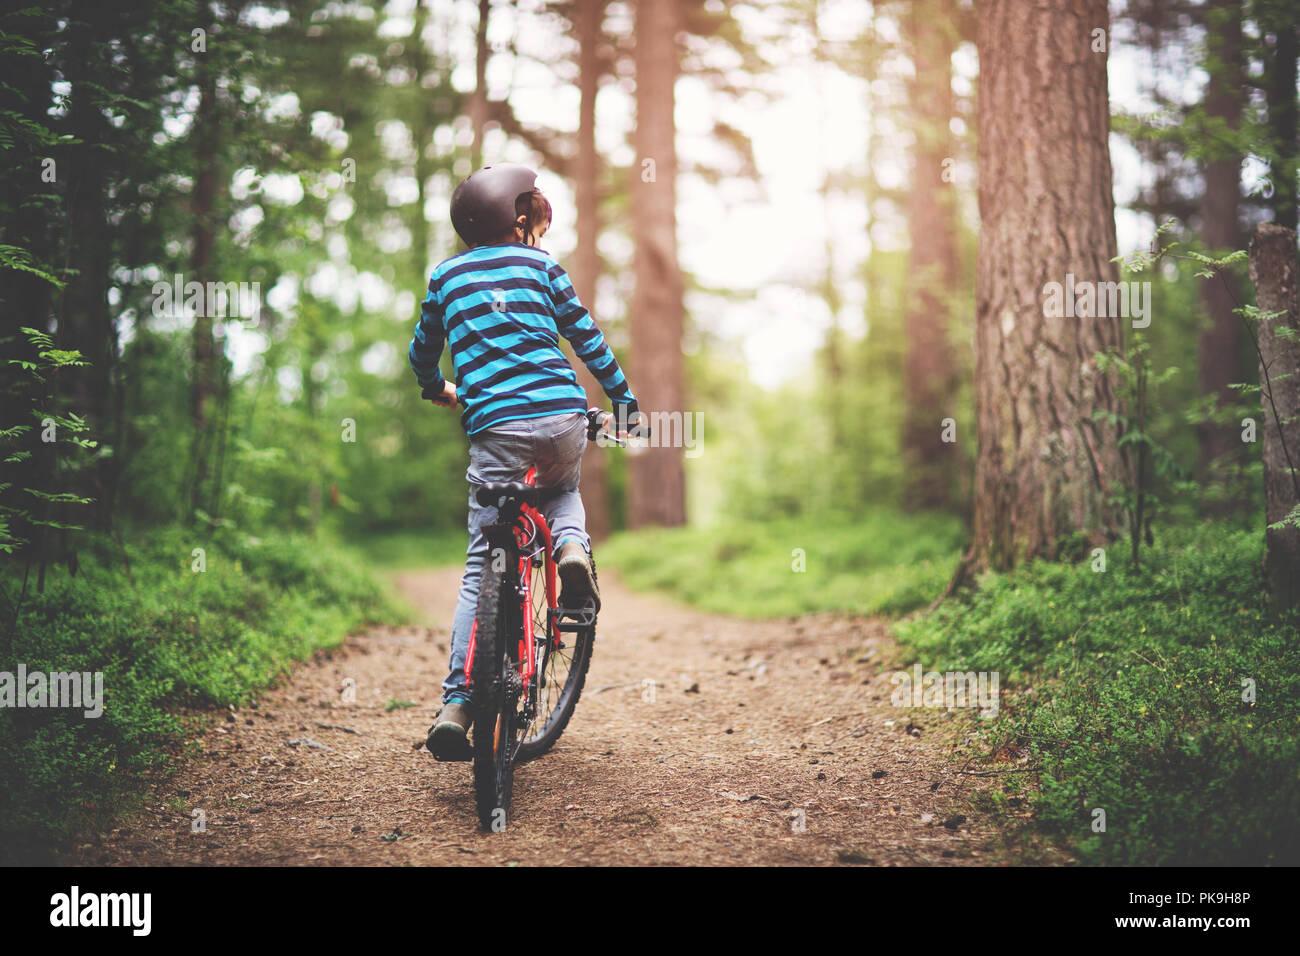 Niño en una bicicleta en el bosque en las primeras horas de la mañana Imagen De Stock